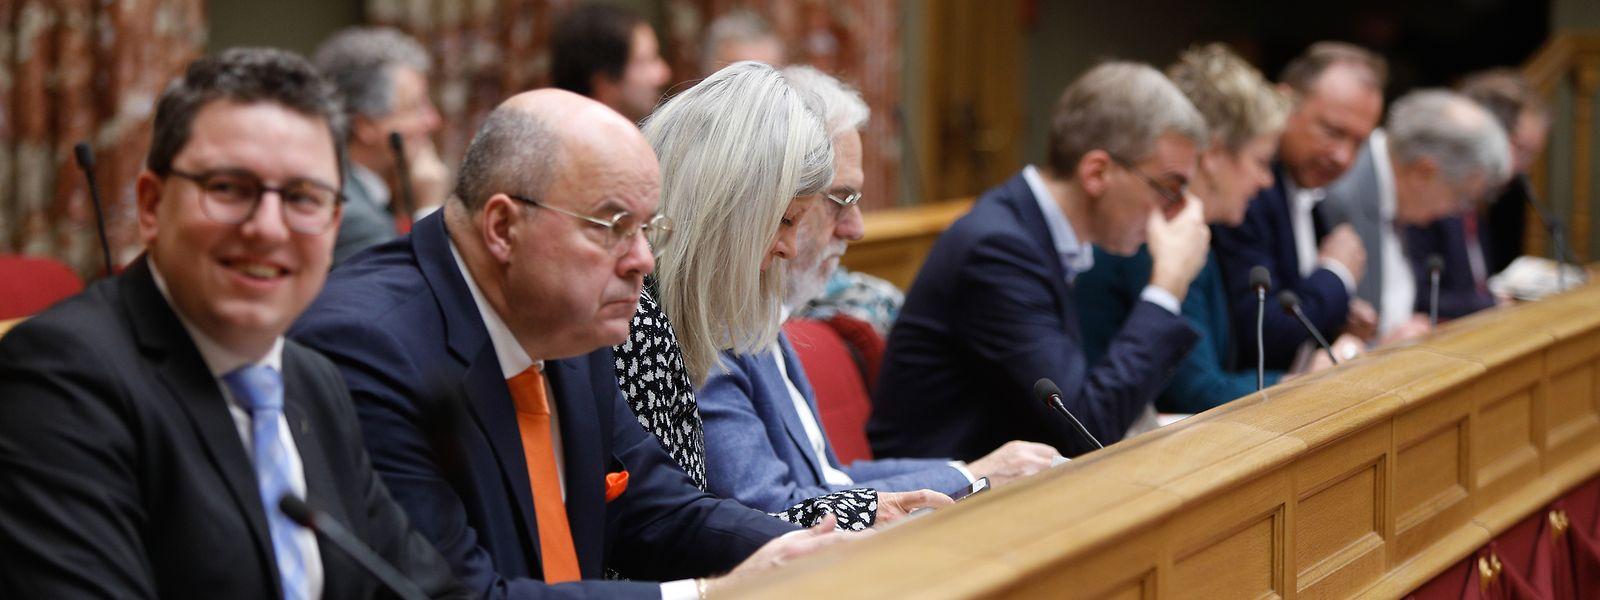 L'opposition a vivement critiqué le budget présenté par le gouvernement.